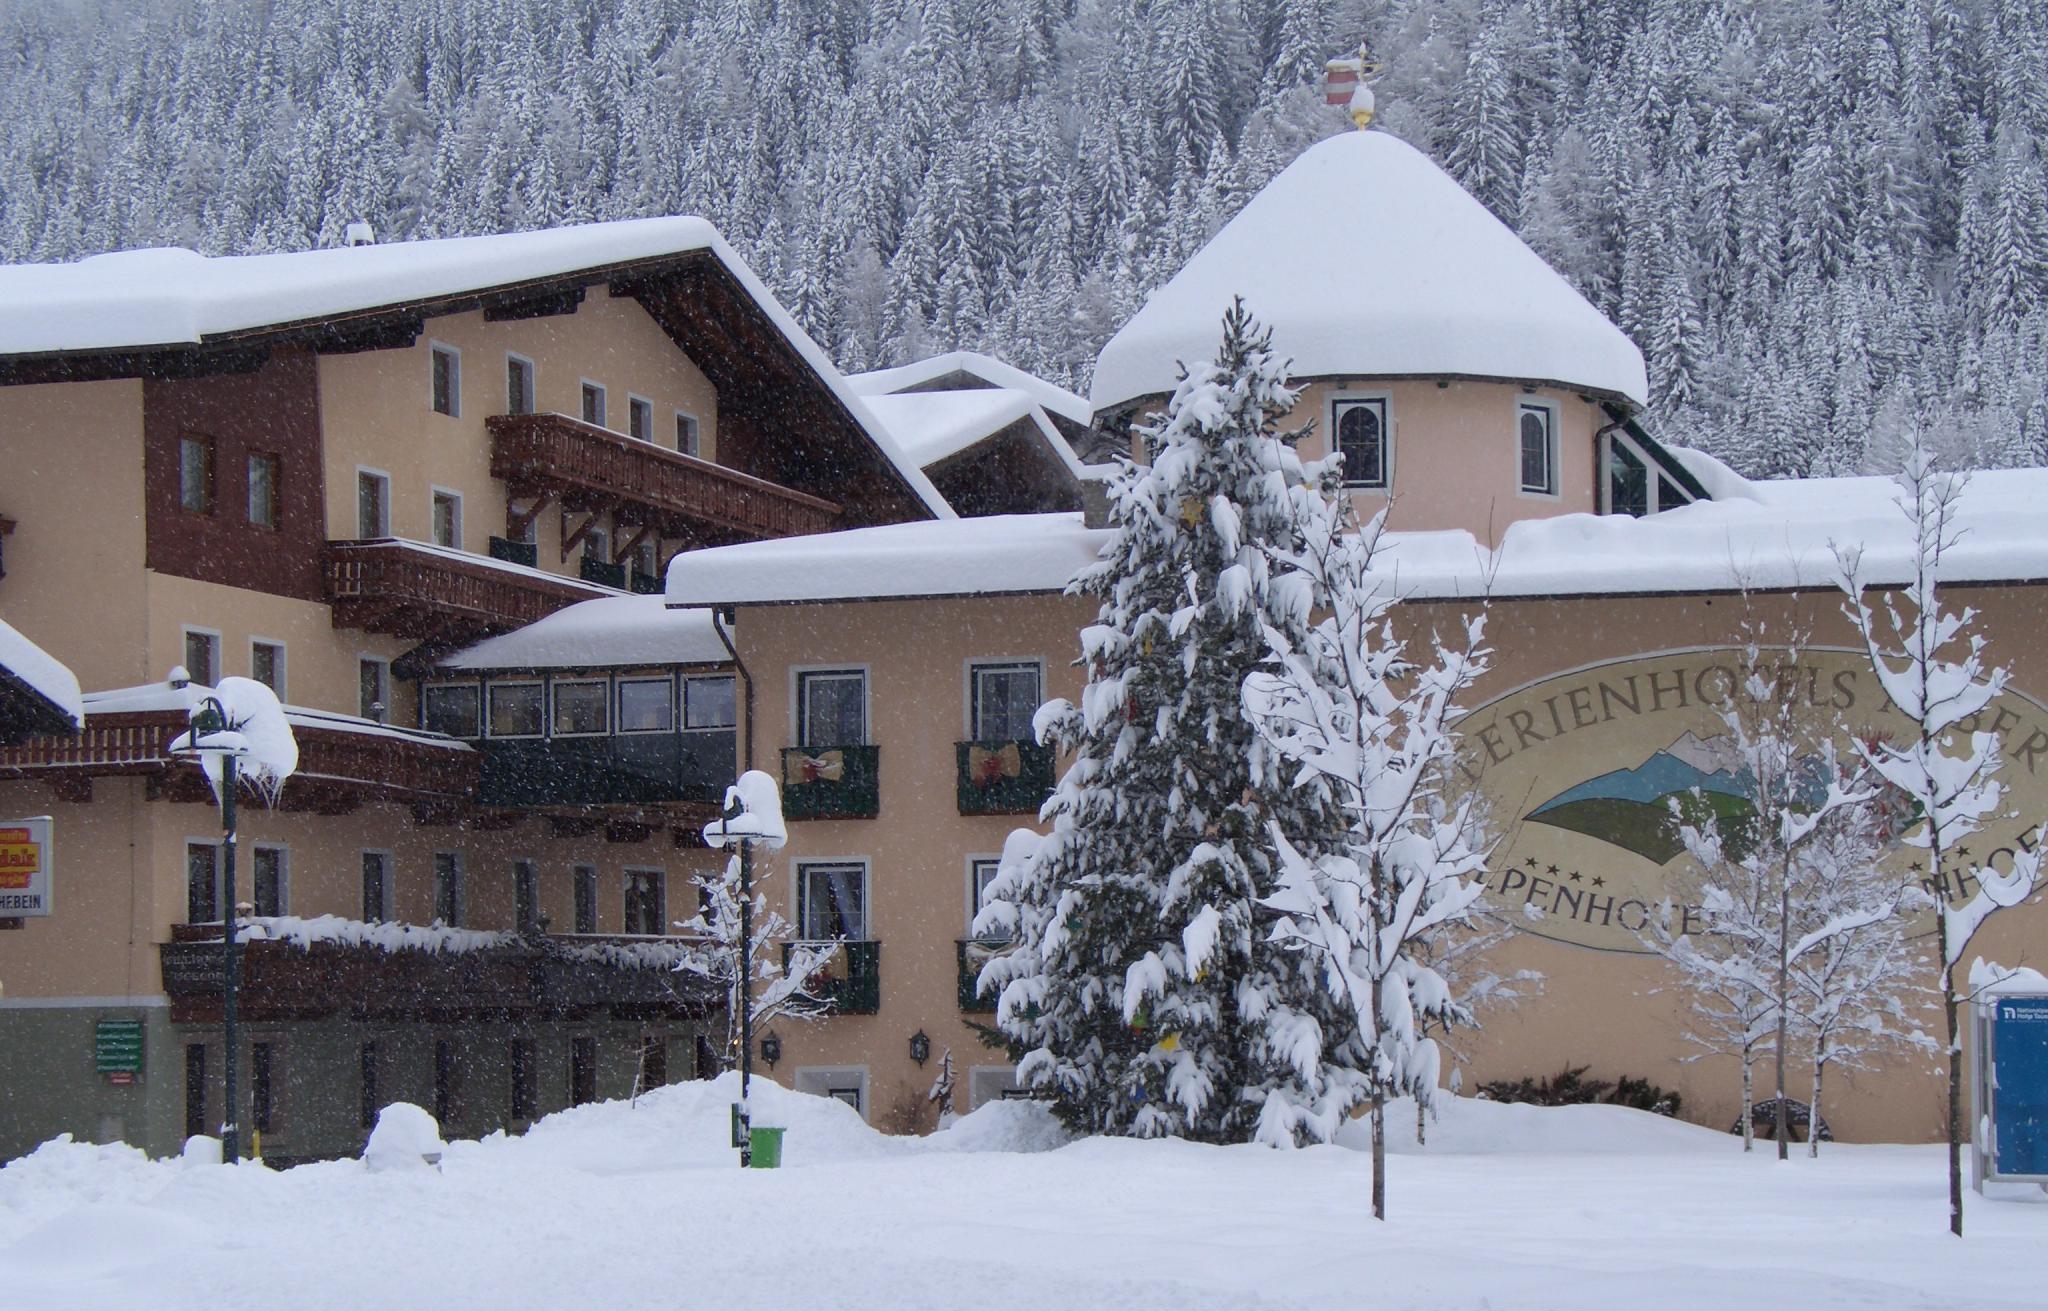 Ferienhotel Alber Alpenhotel Karinthië